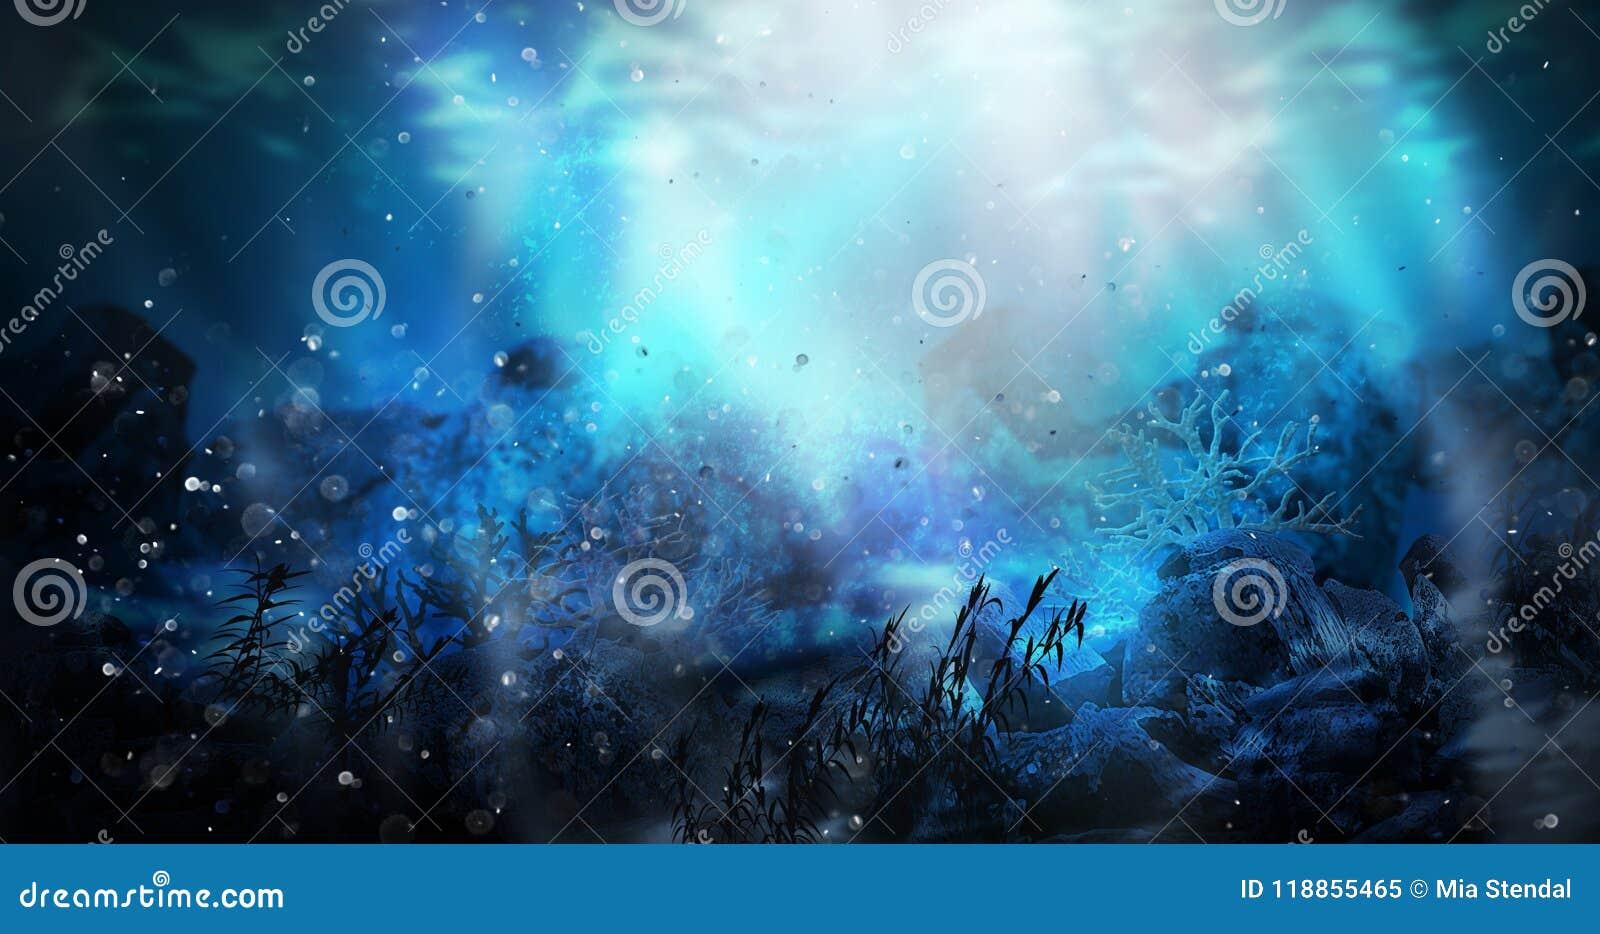 De diepte van zeewater, onderwaterworlddepth van zeewater, de bodem van het overzees